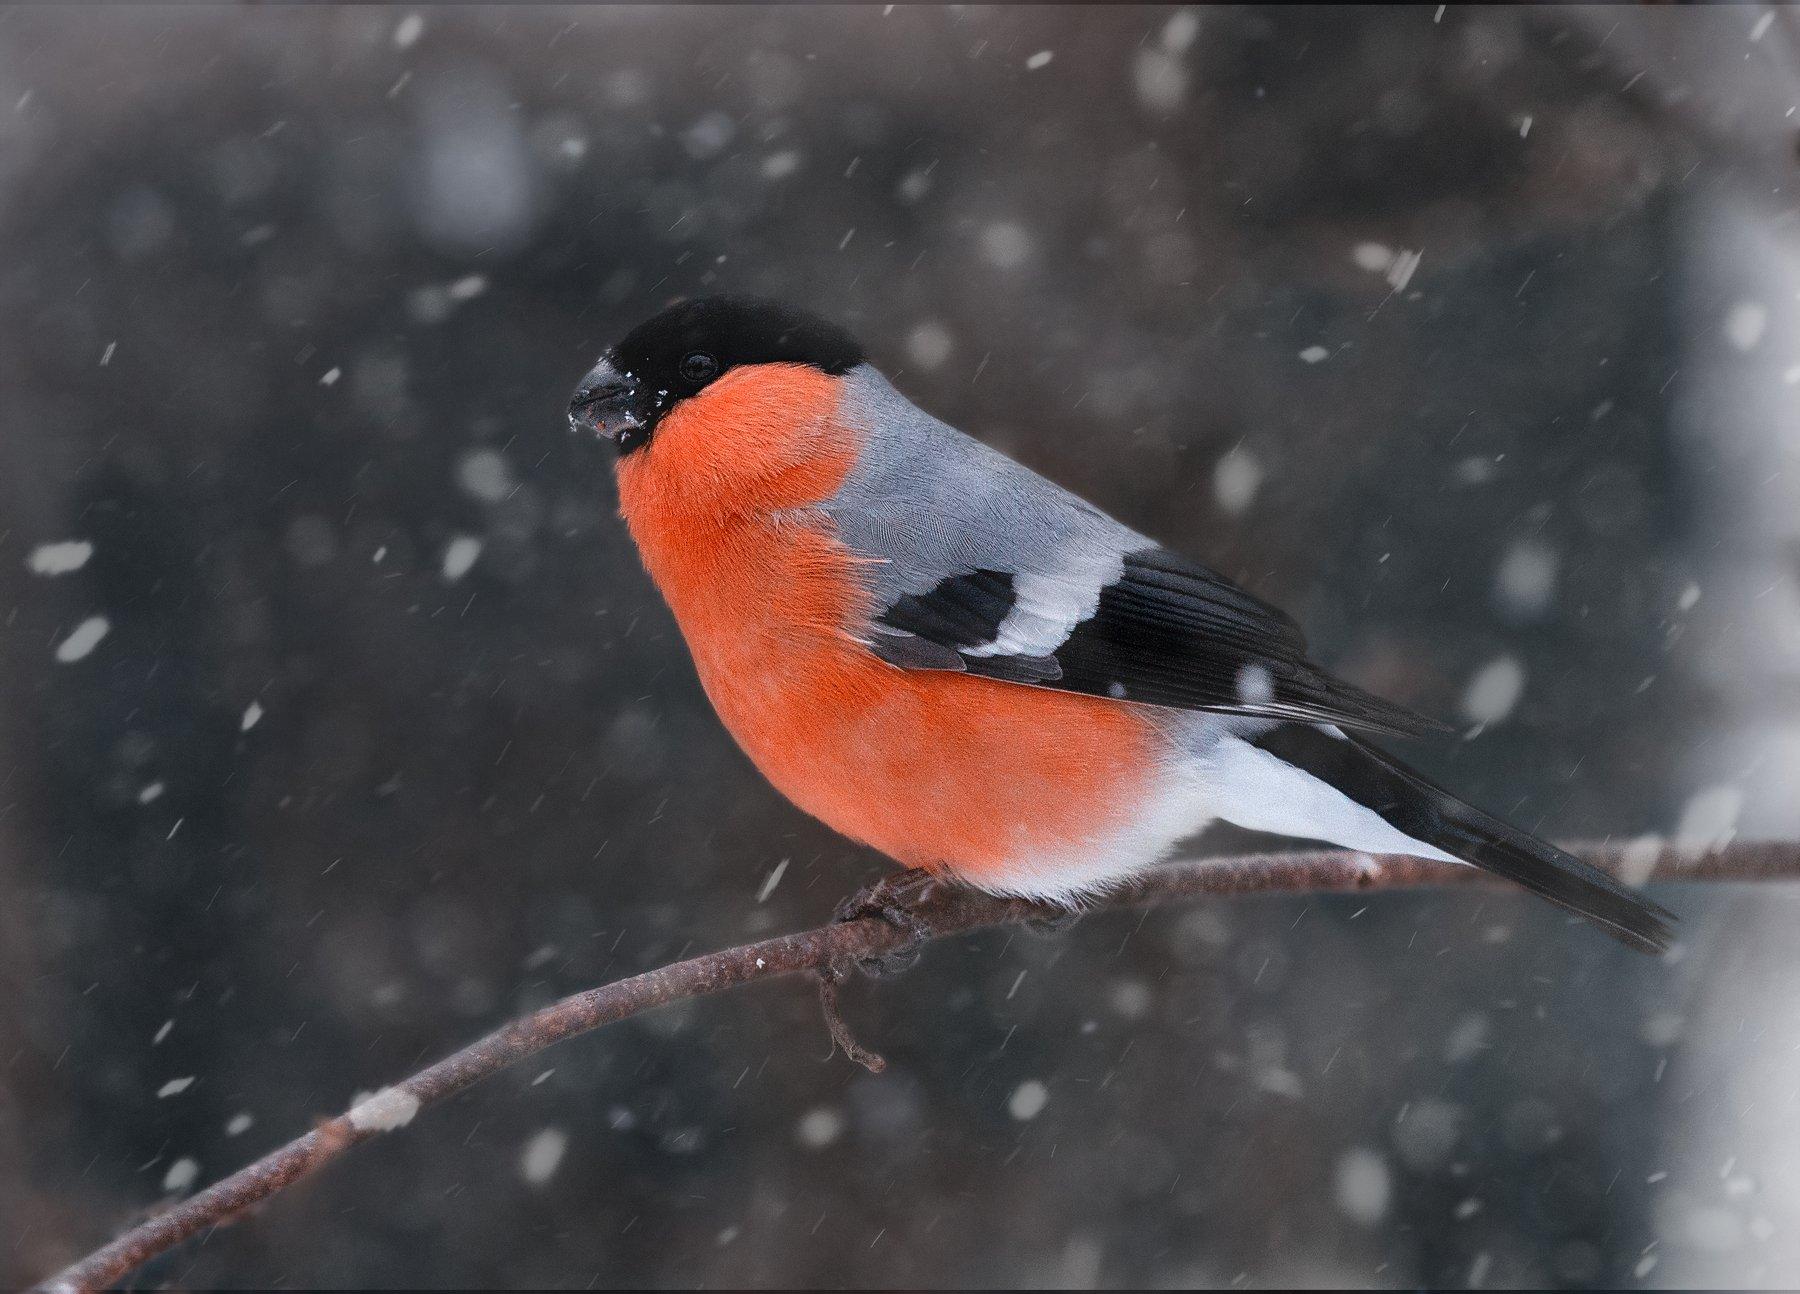 снегирь, зима, снег, природа, птицы, Людмила Гудина